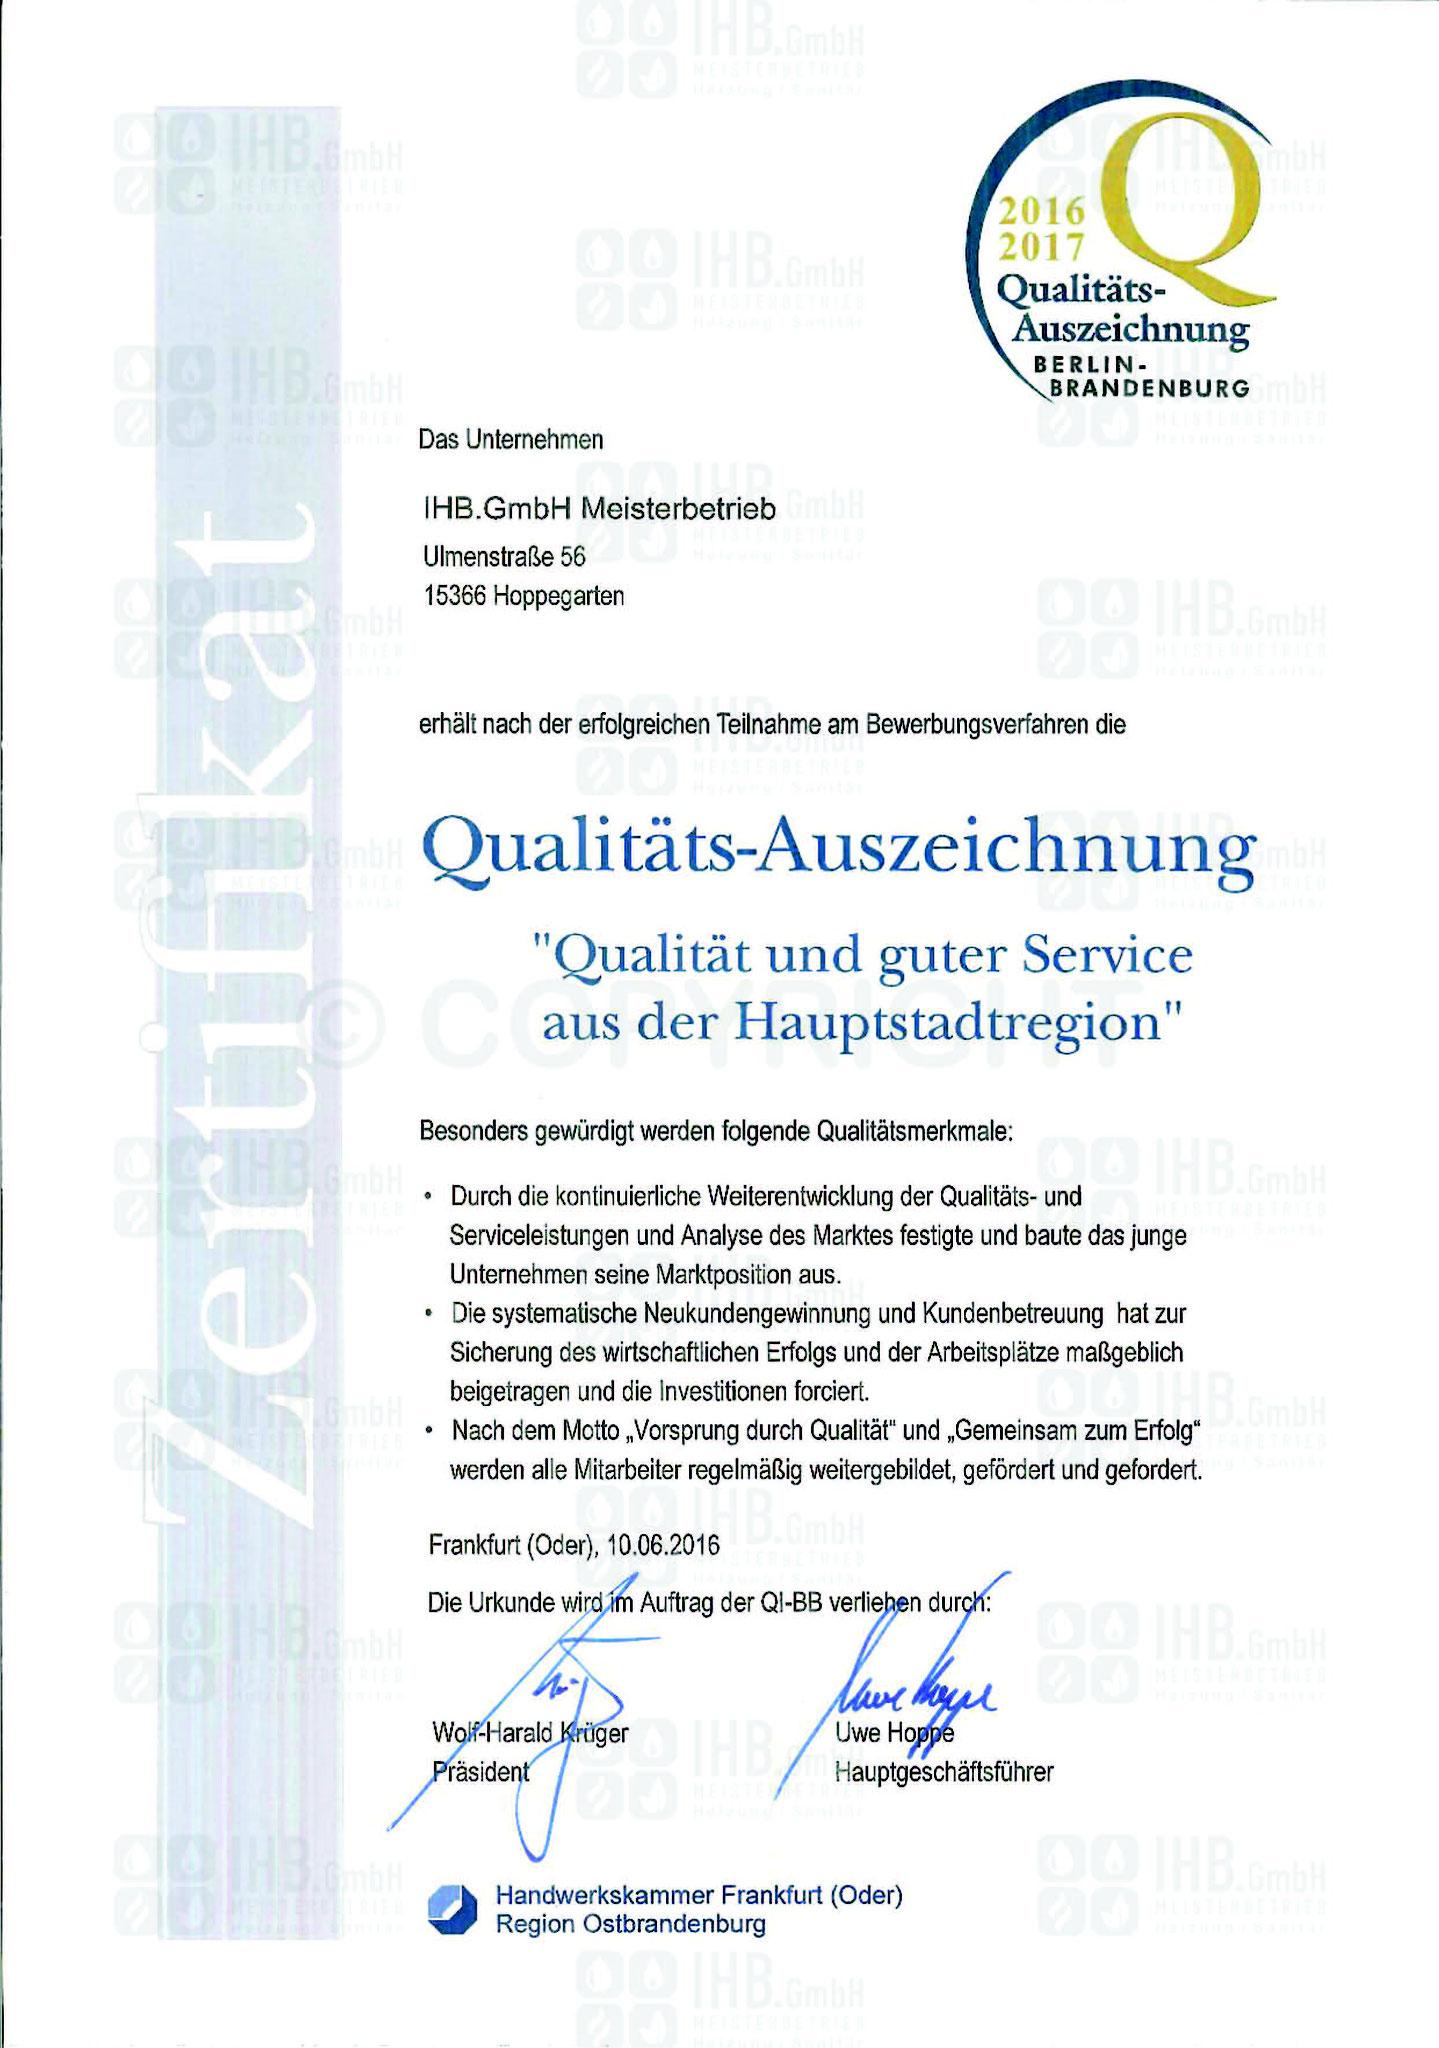 Qualitätsauszeichnung 2016/2017